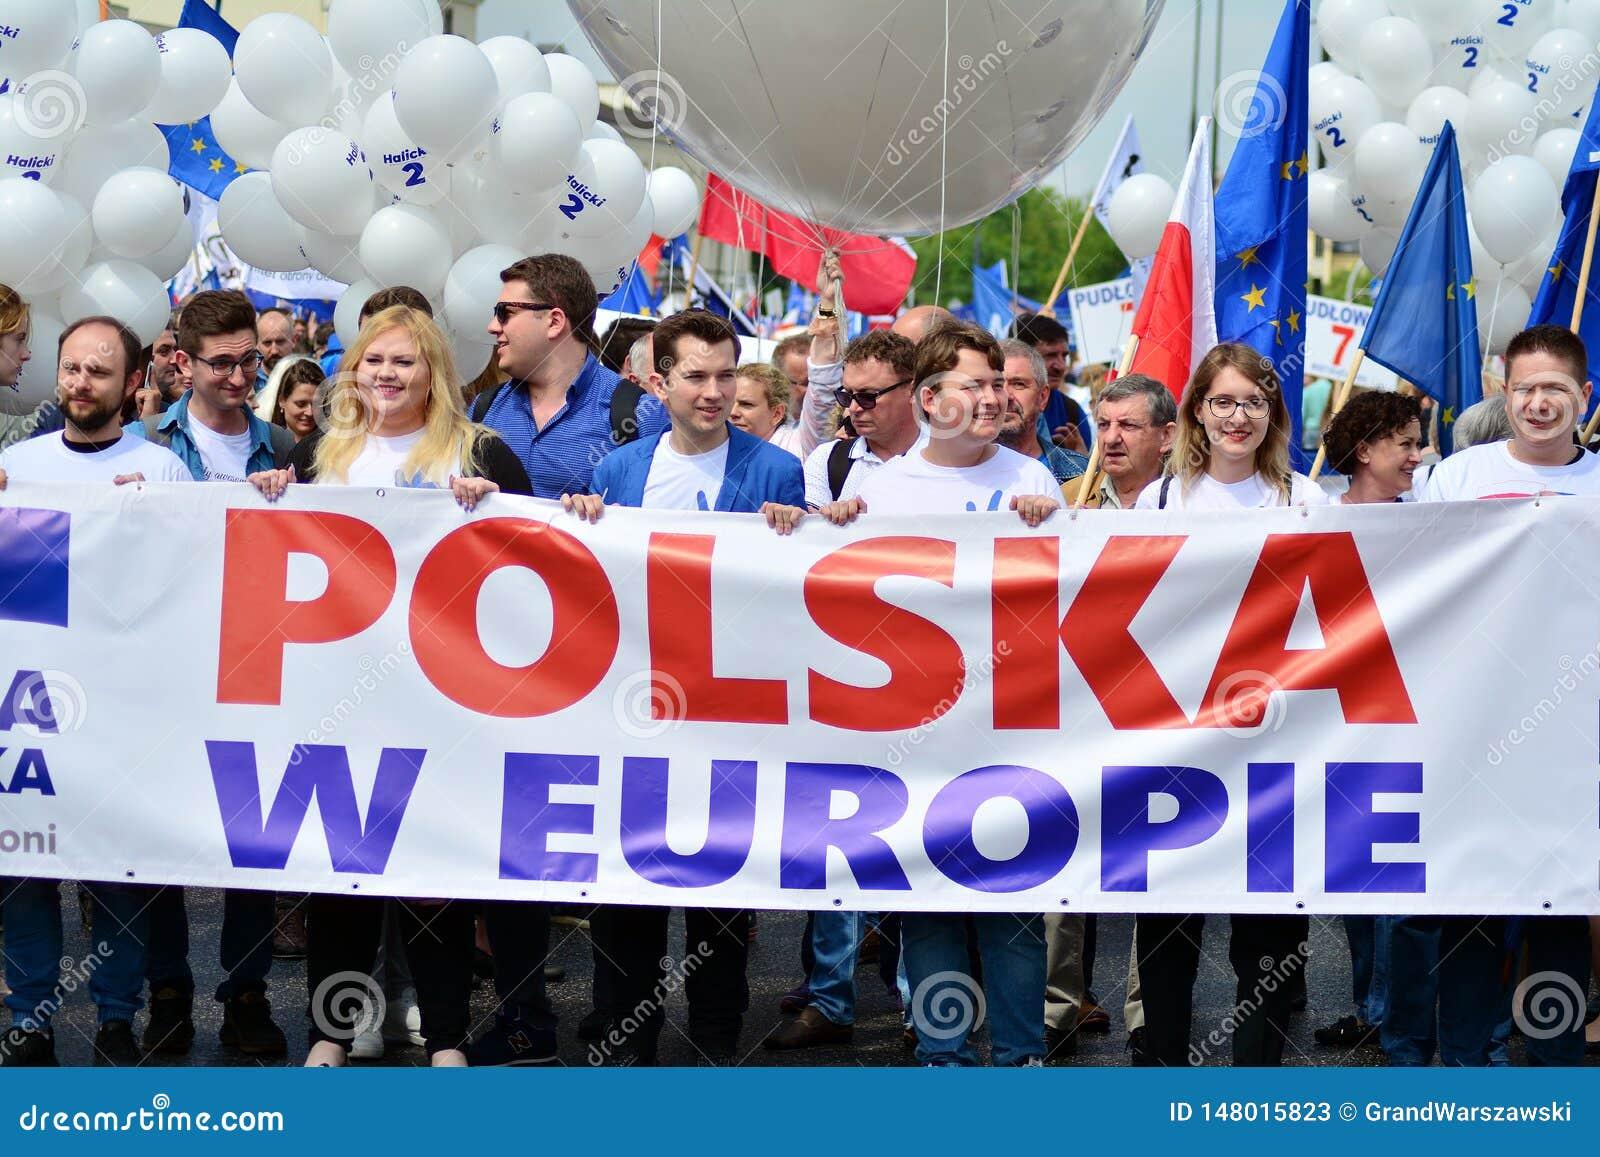 Maart ?Polen in Europa ? Duizenden oppositieverdedigers marcheerden in het Poolse kapitaal om Europese Unio van de natie te viere